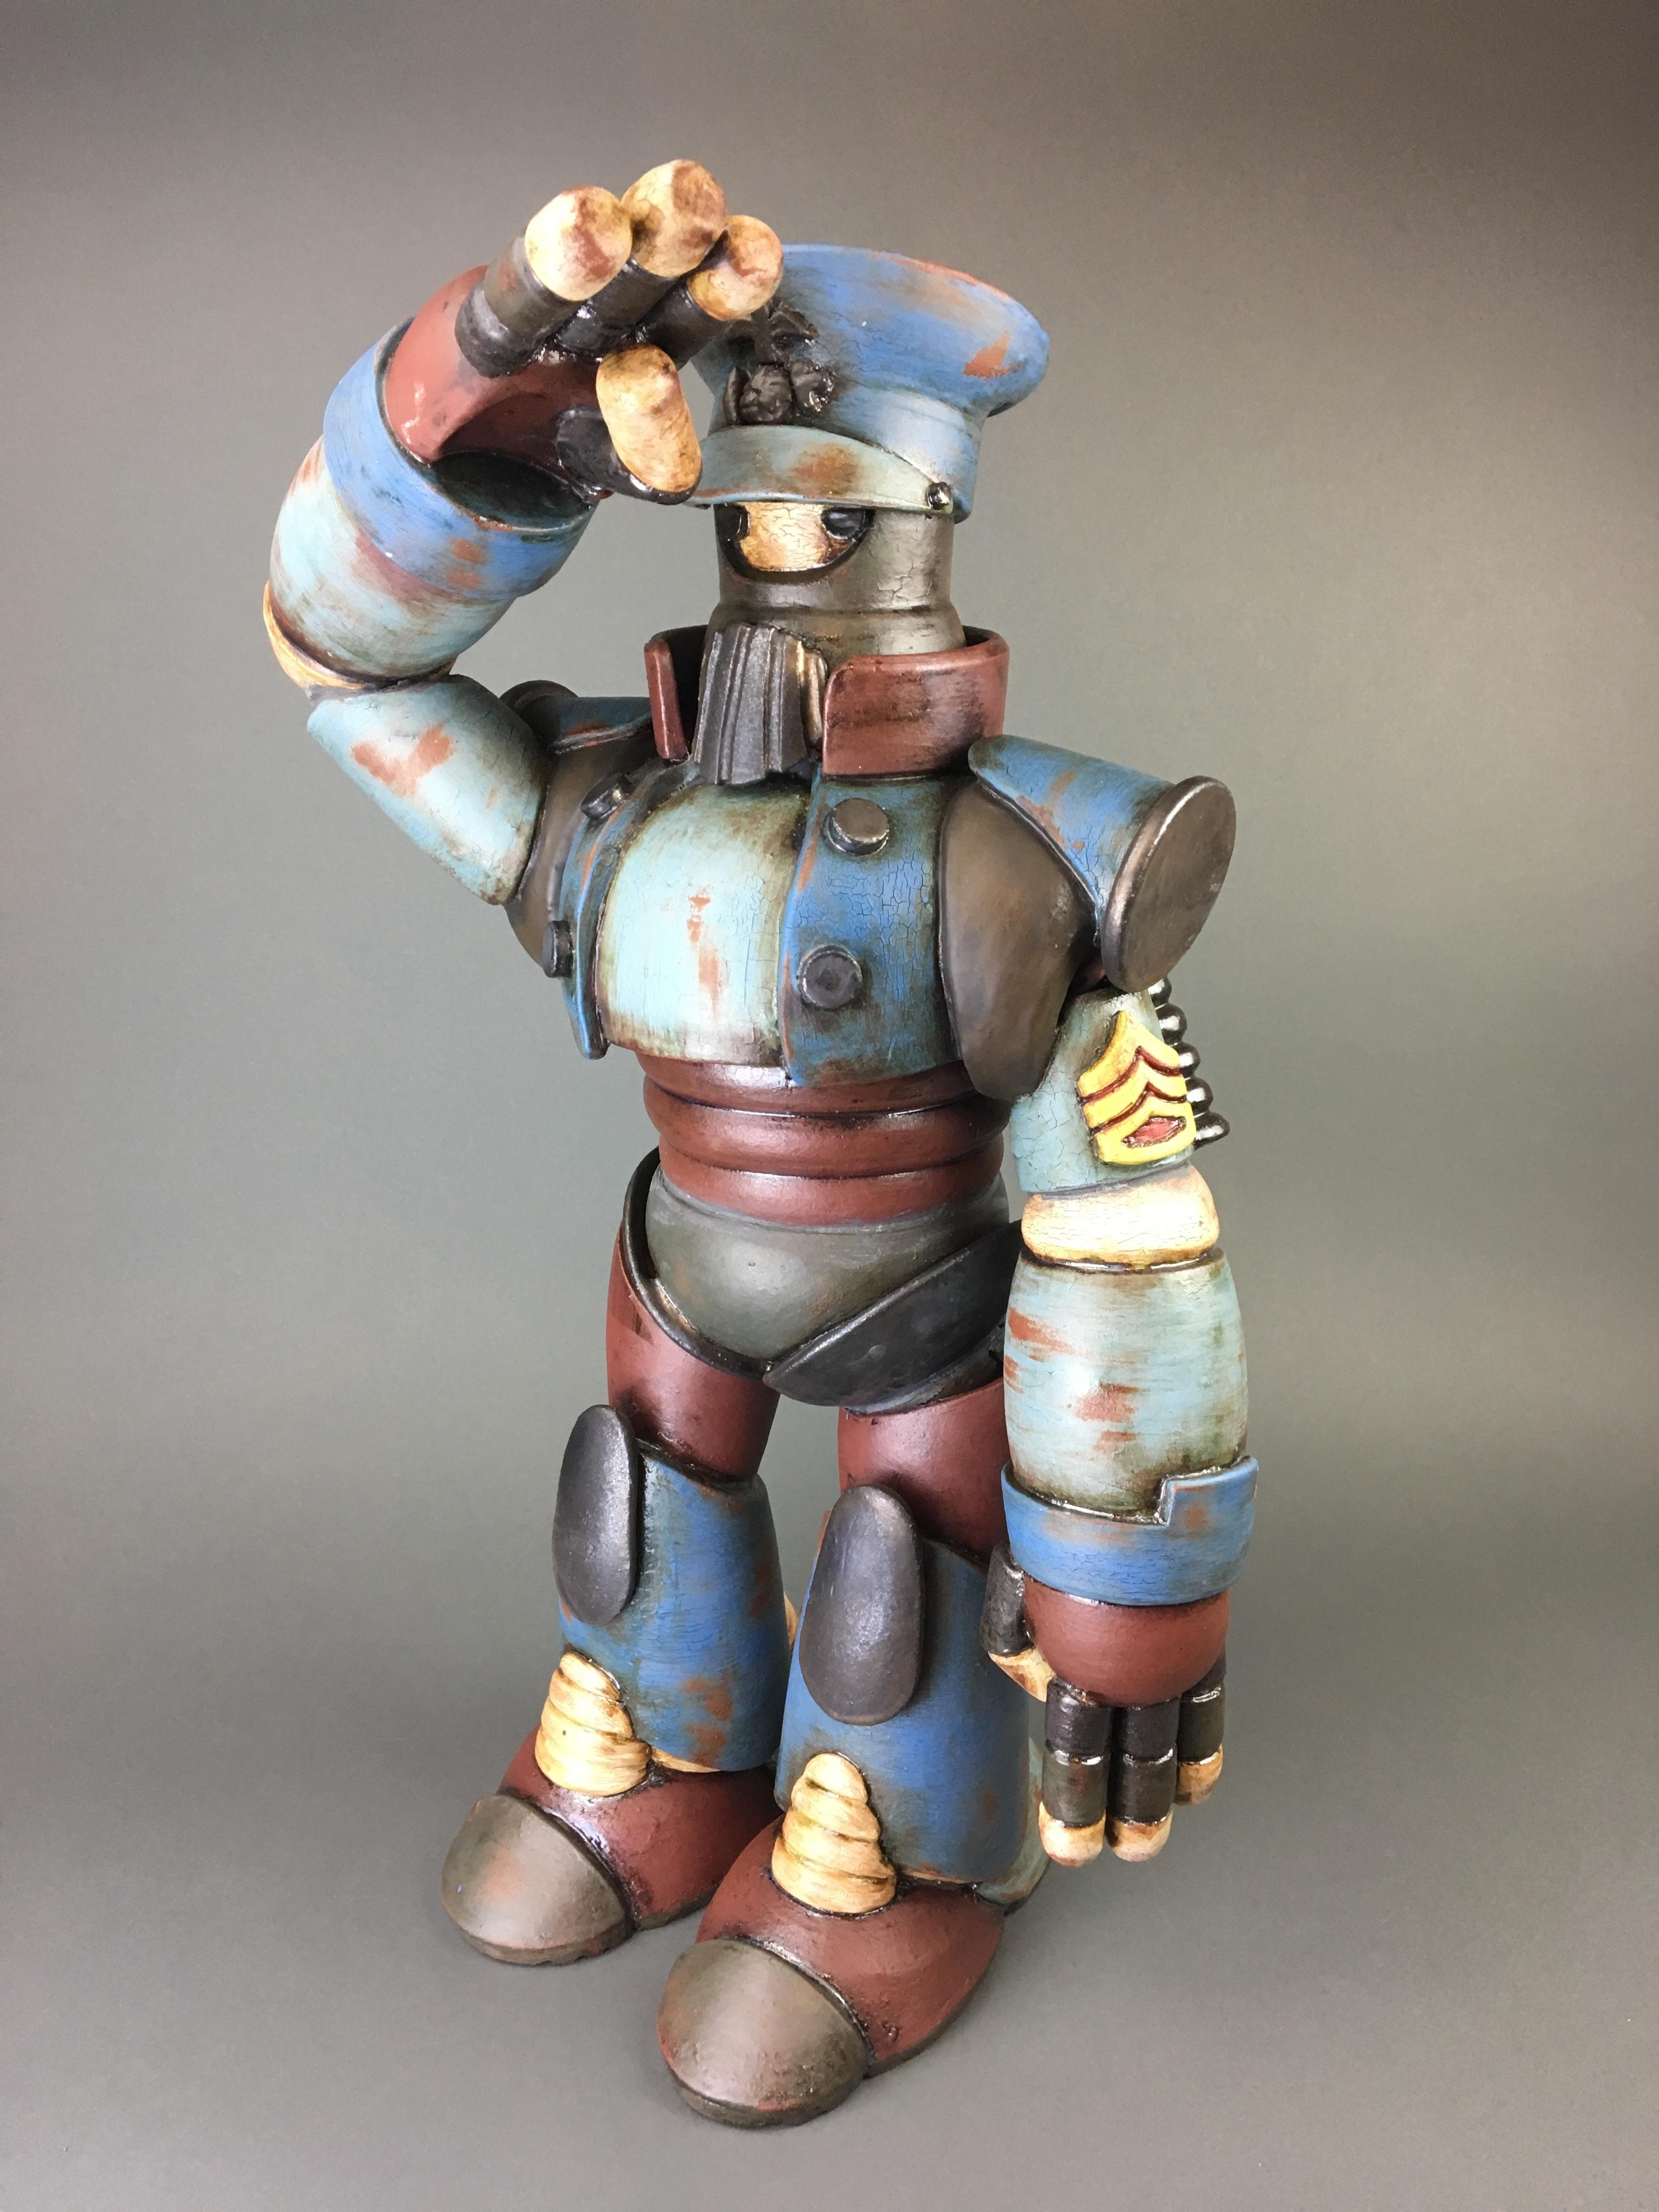 Soldier Robot, Marine Division